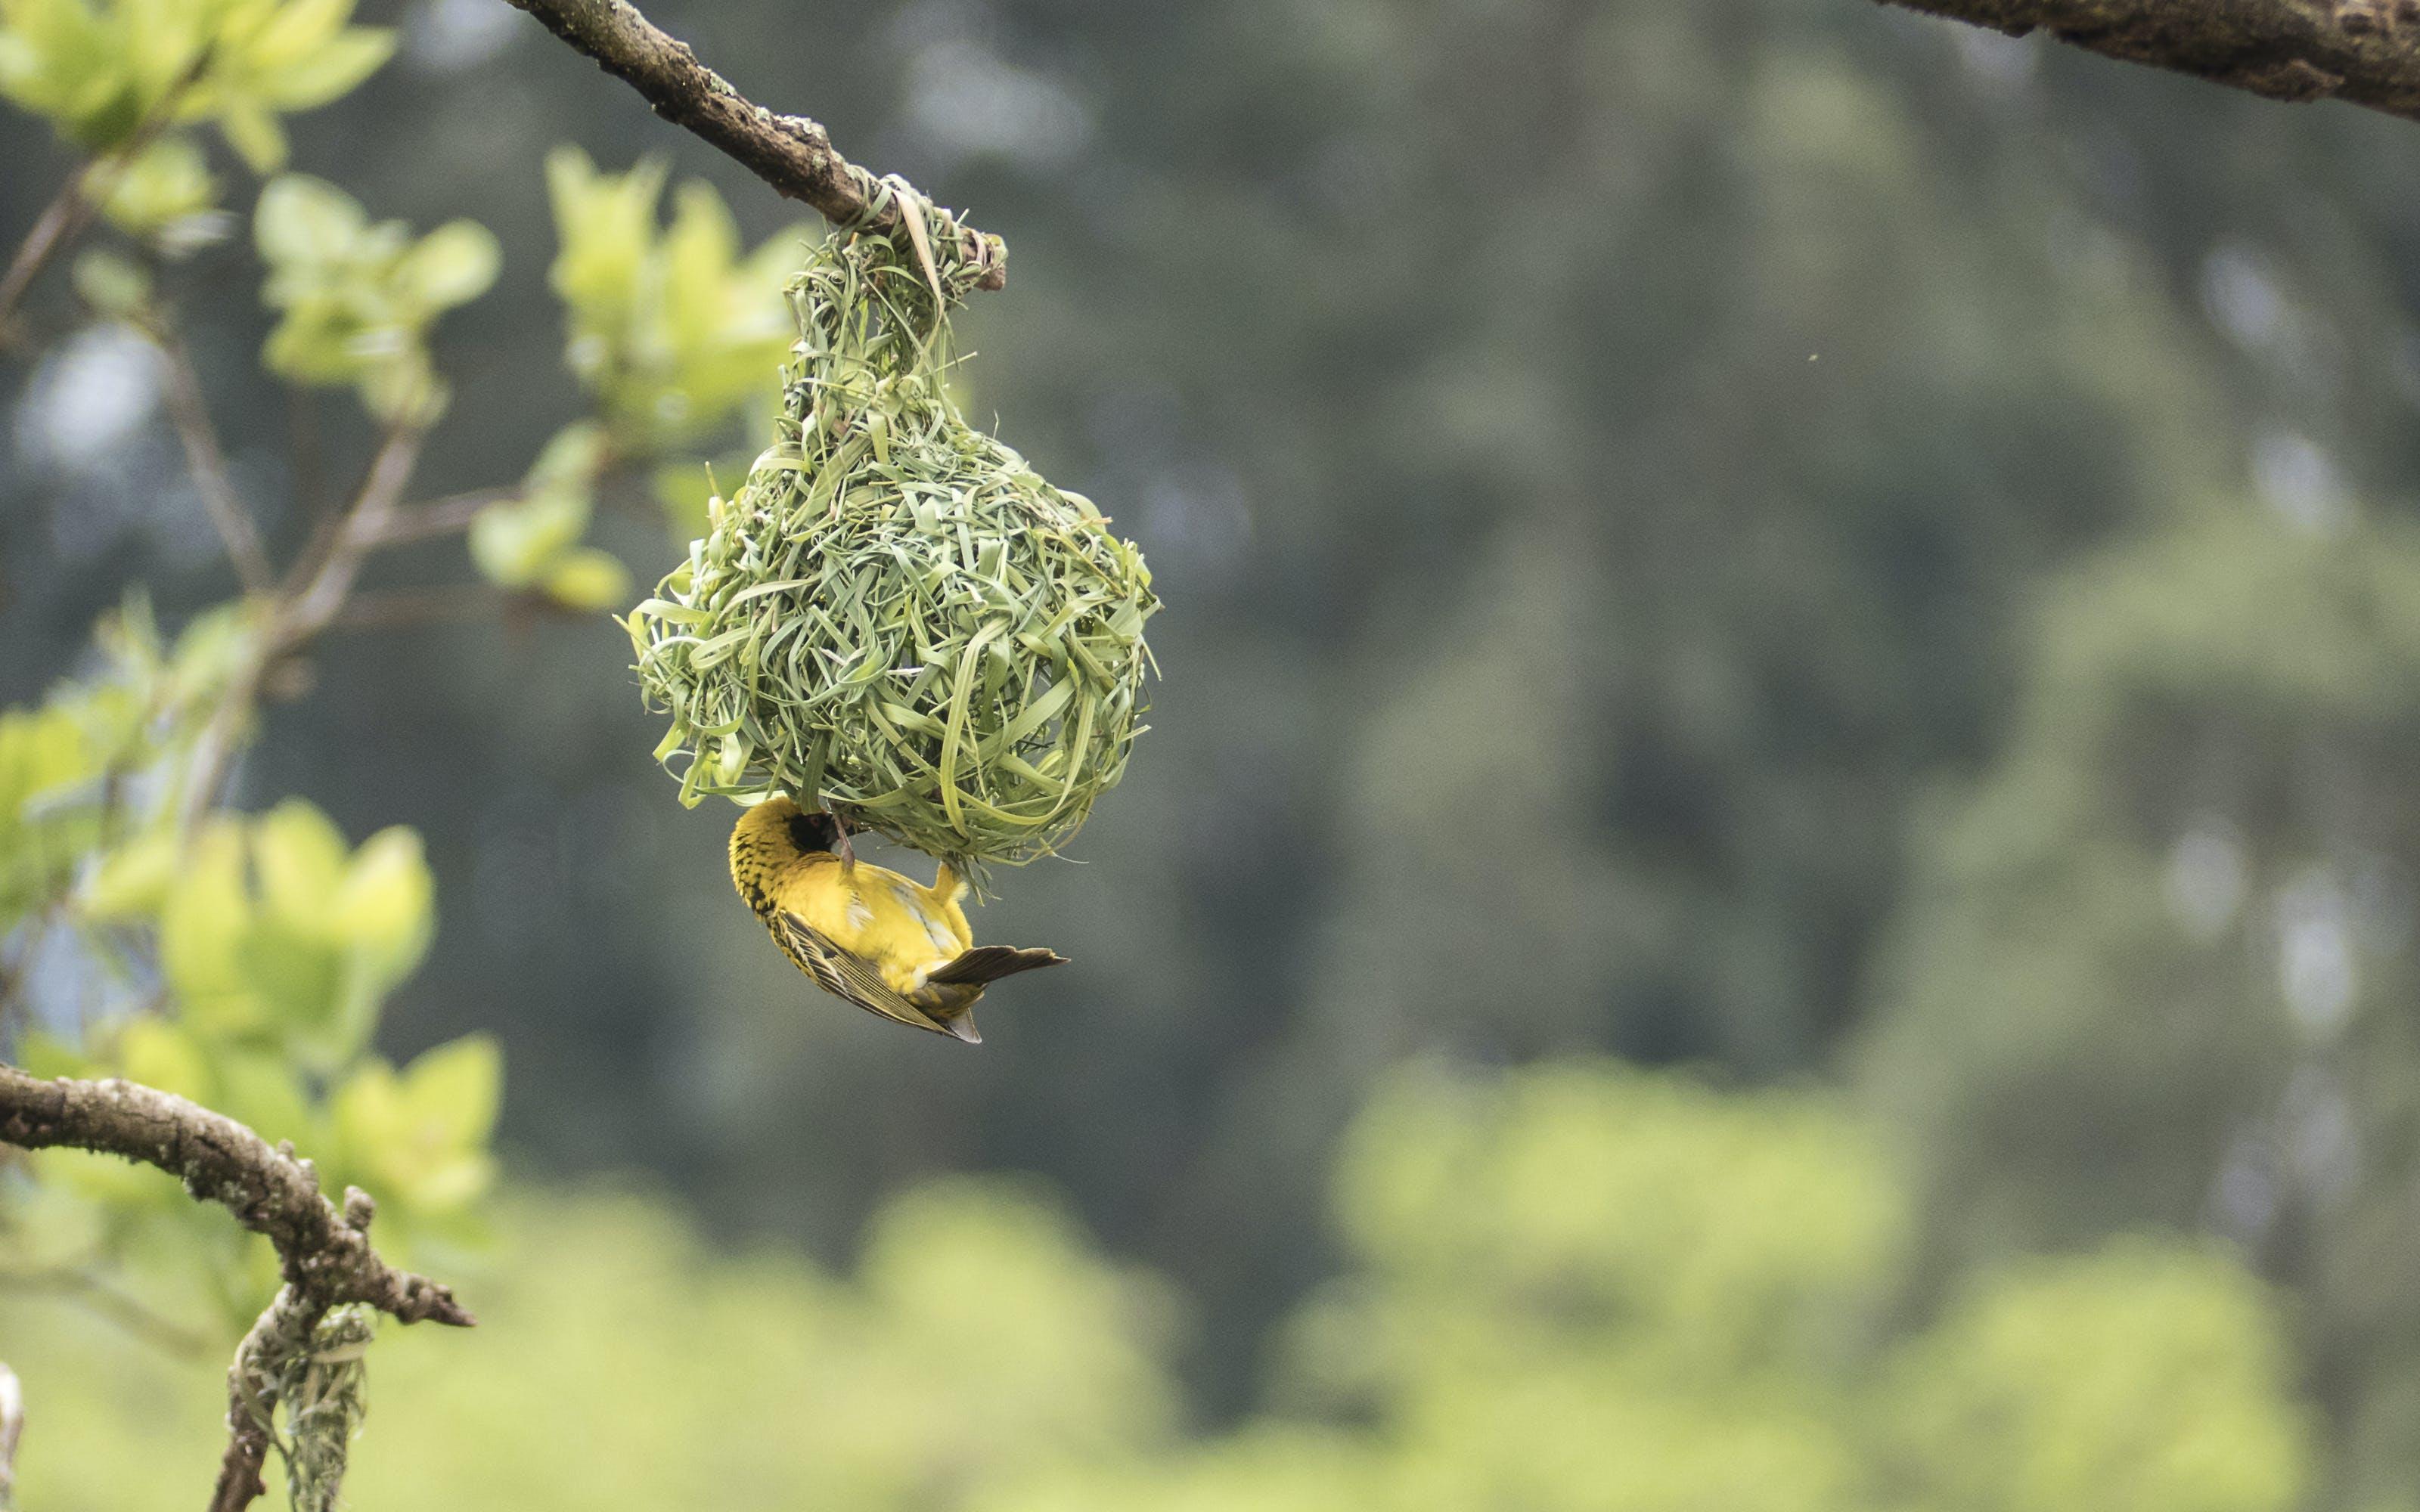 Close-Up Photography of Bird